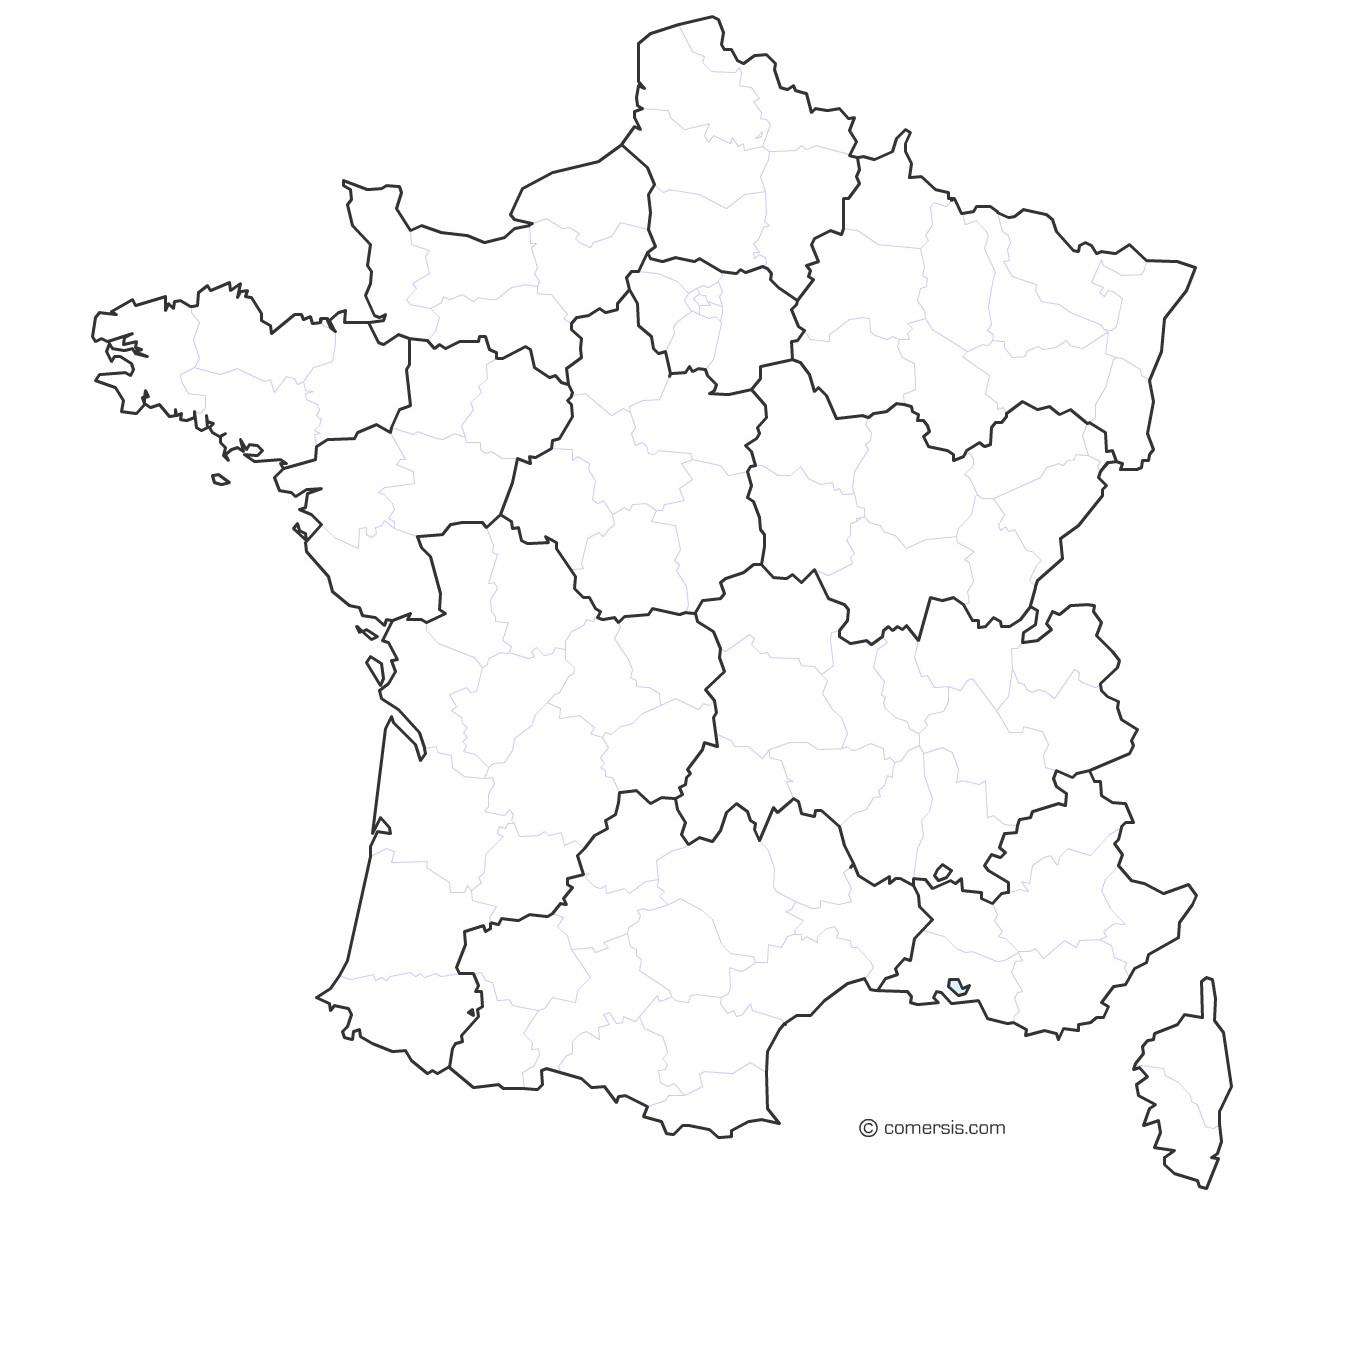 204E Carte France Region | Wiring Library à Carte De France Vierge Nouvelles Régions